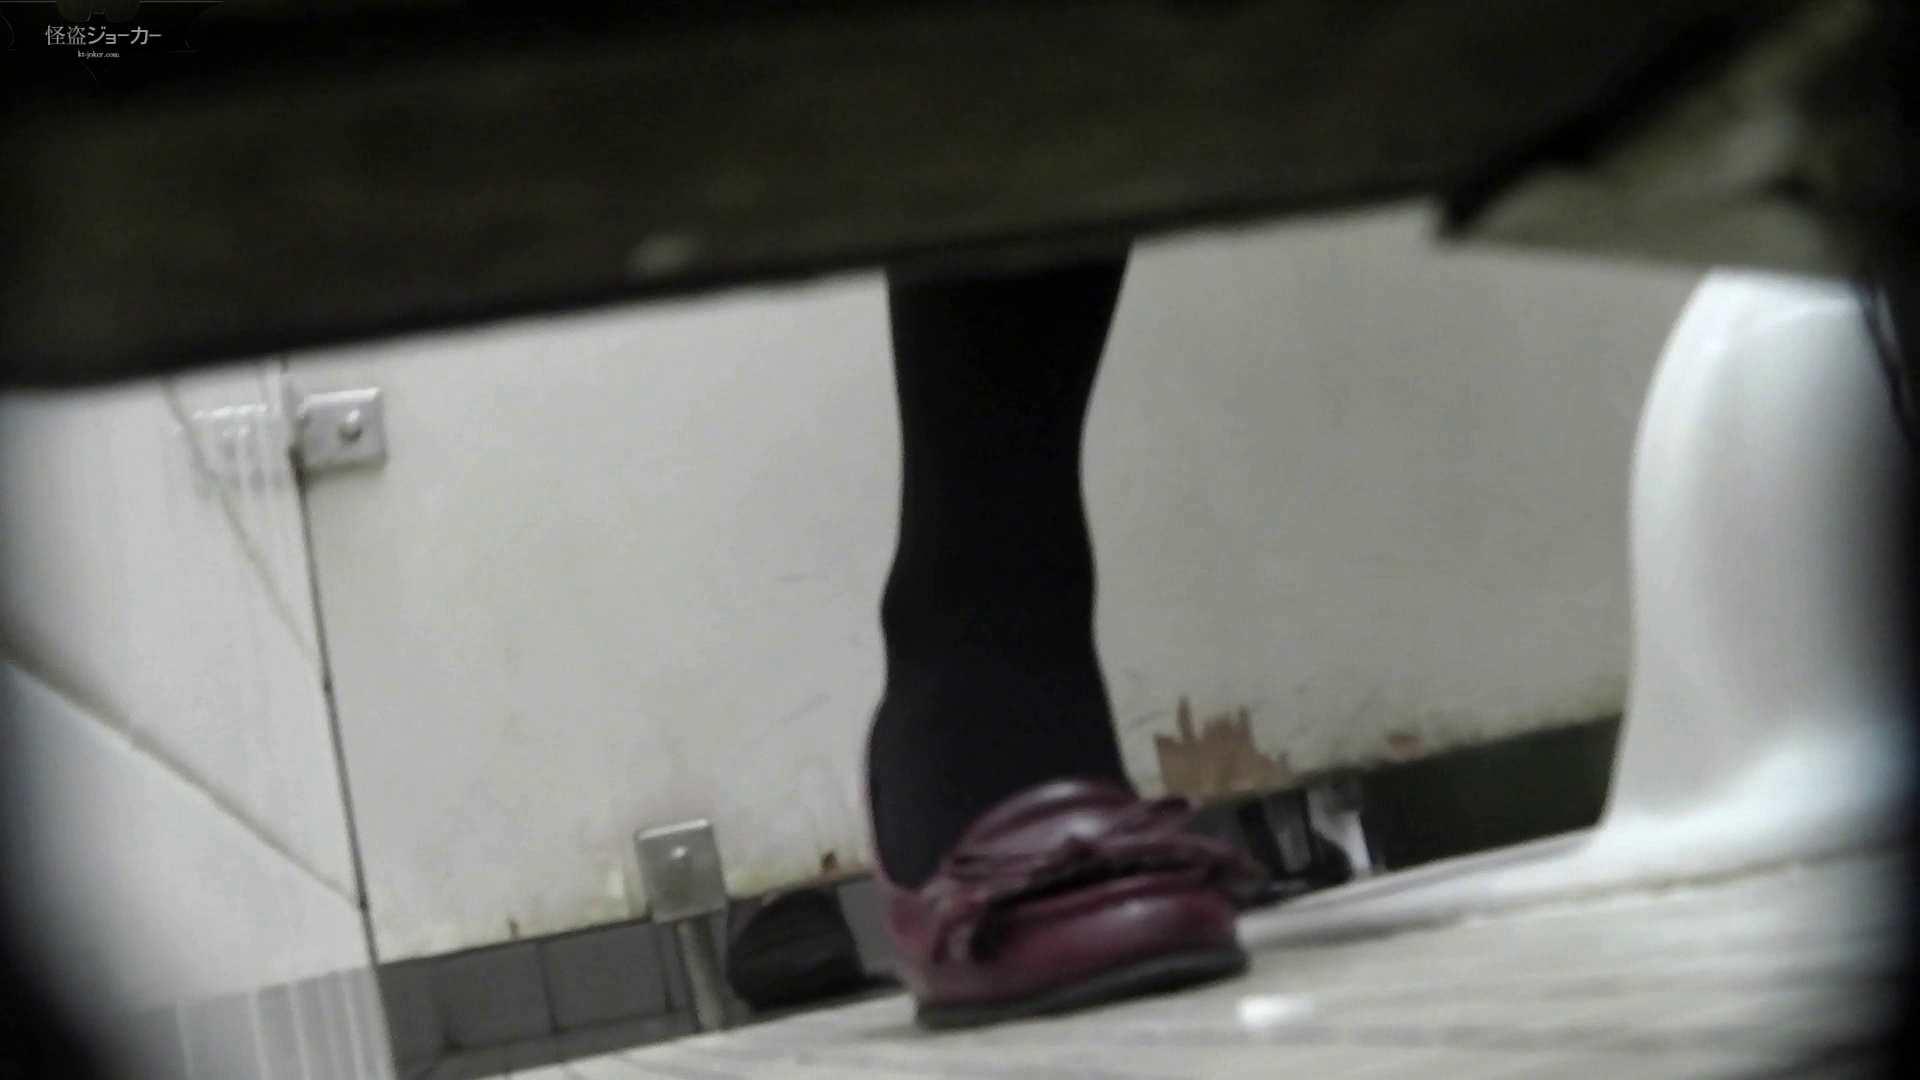 【美しき個室な世界】洗面所特攻隊 vol.051 高評価 セックス画像 100枚 90